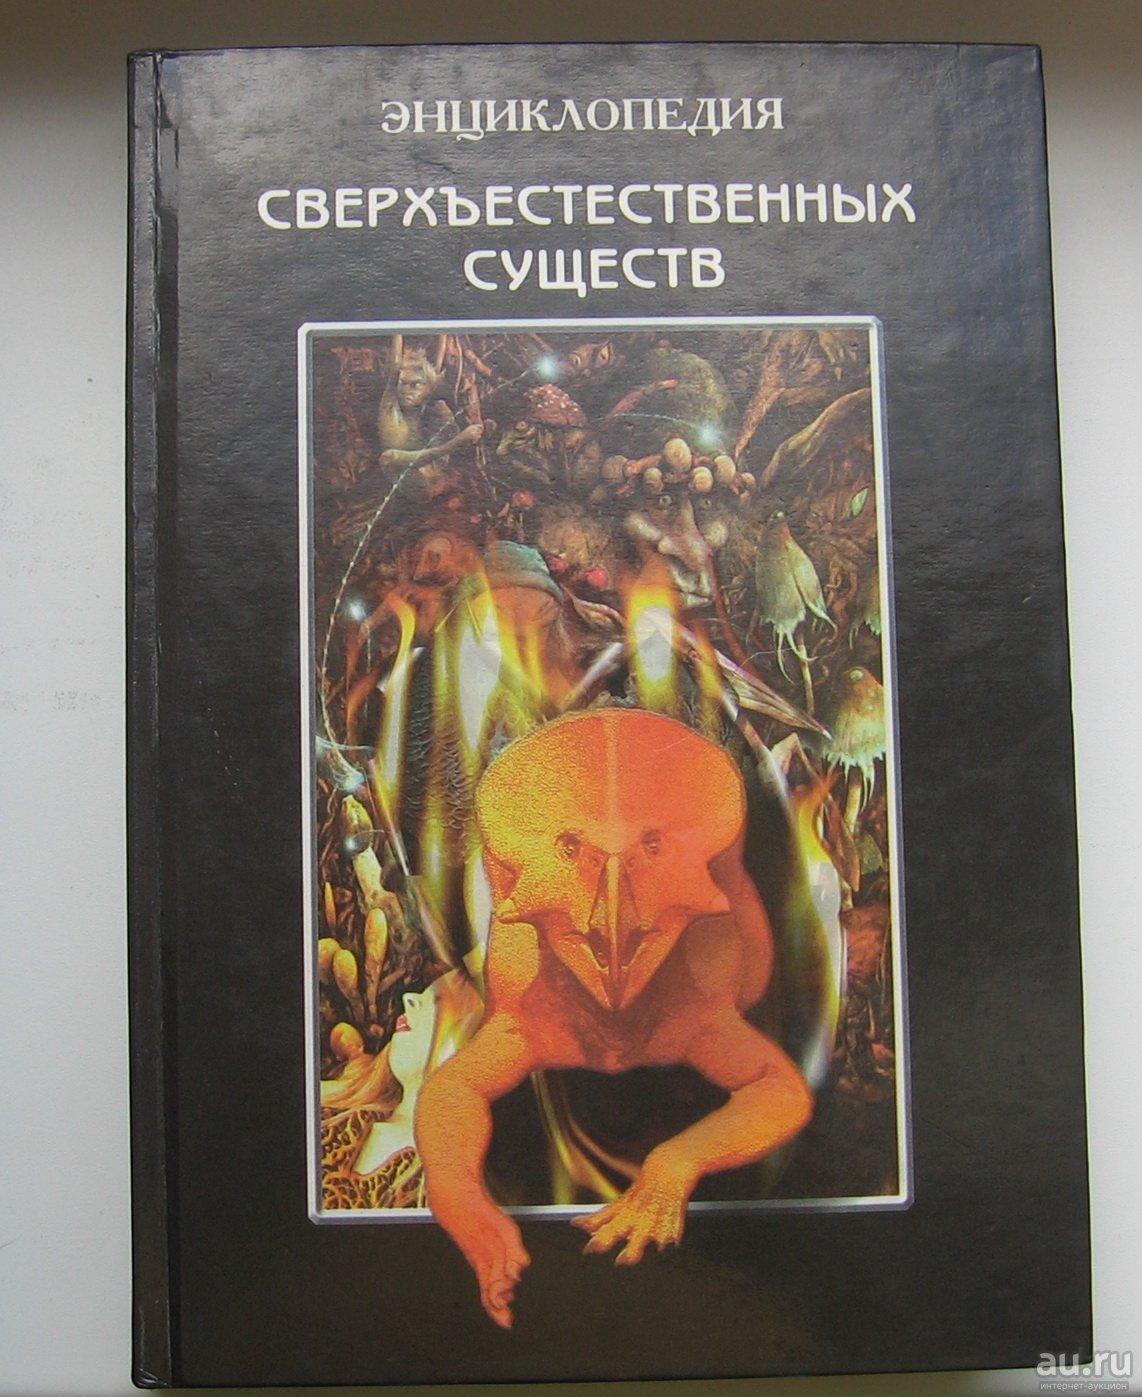 Большая советская энциклопедия — википедия. что такое большая советская энциклопедия